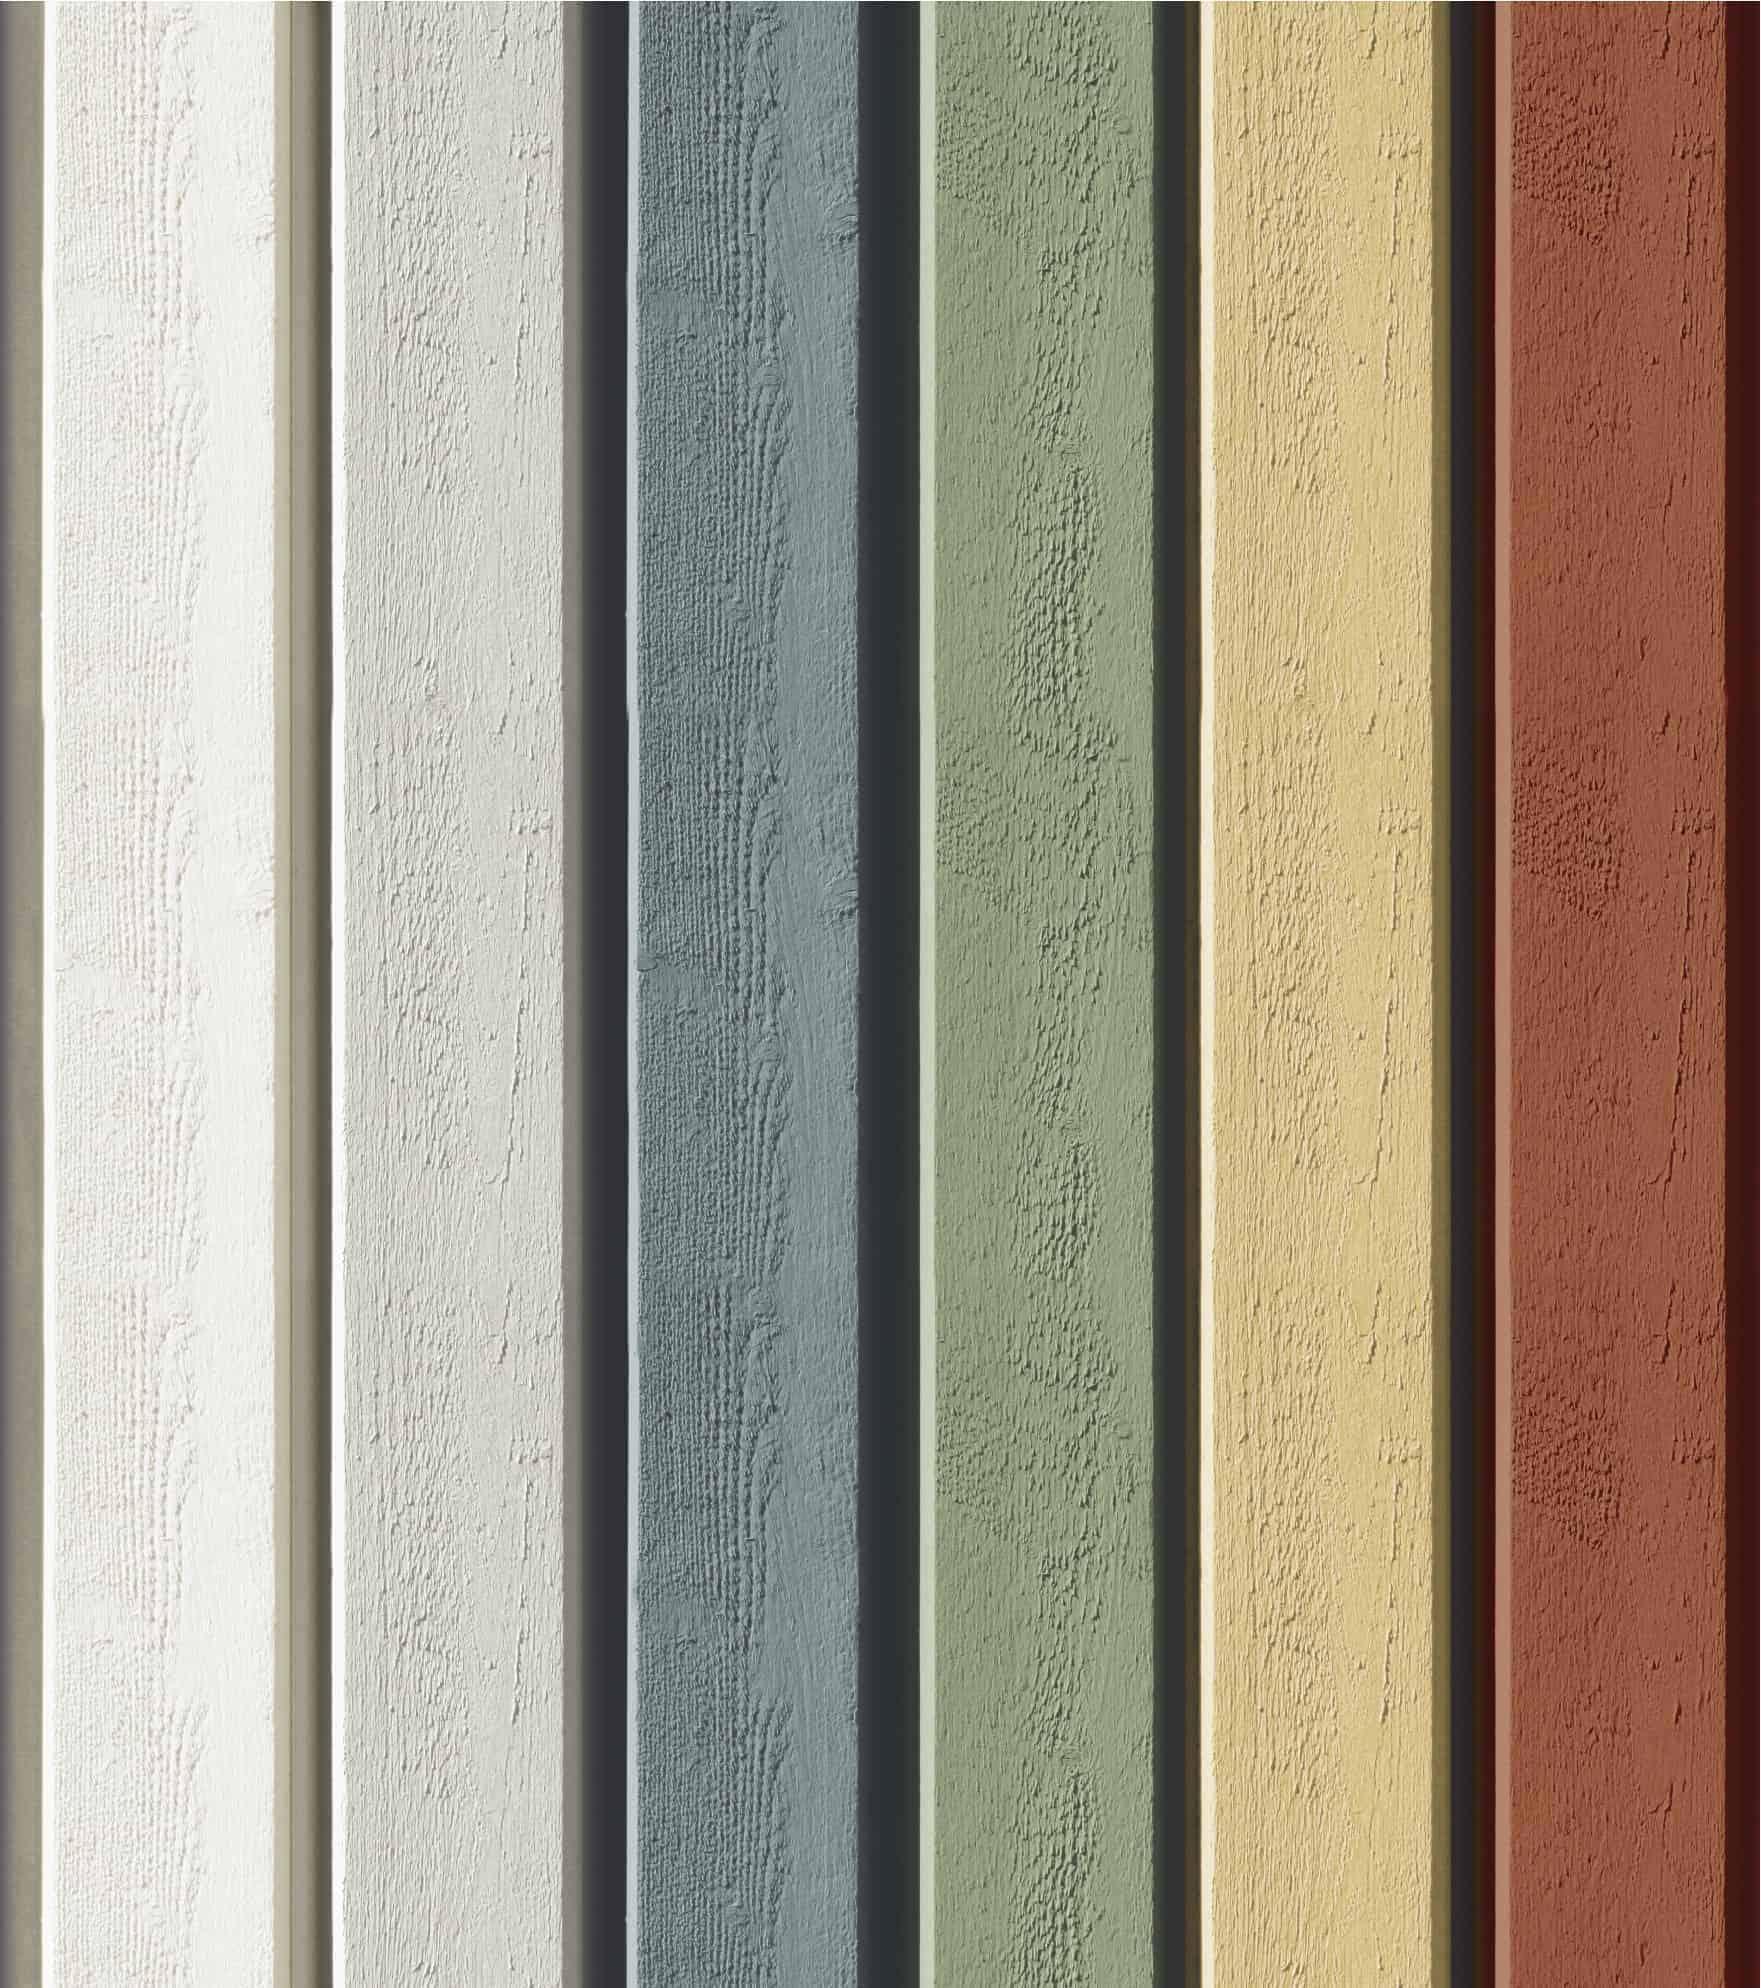 Kleur verf beits kiezen en beoordelen moose f rg for Kleuren verf kiezen